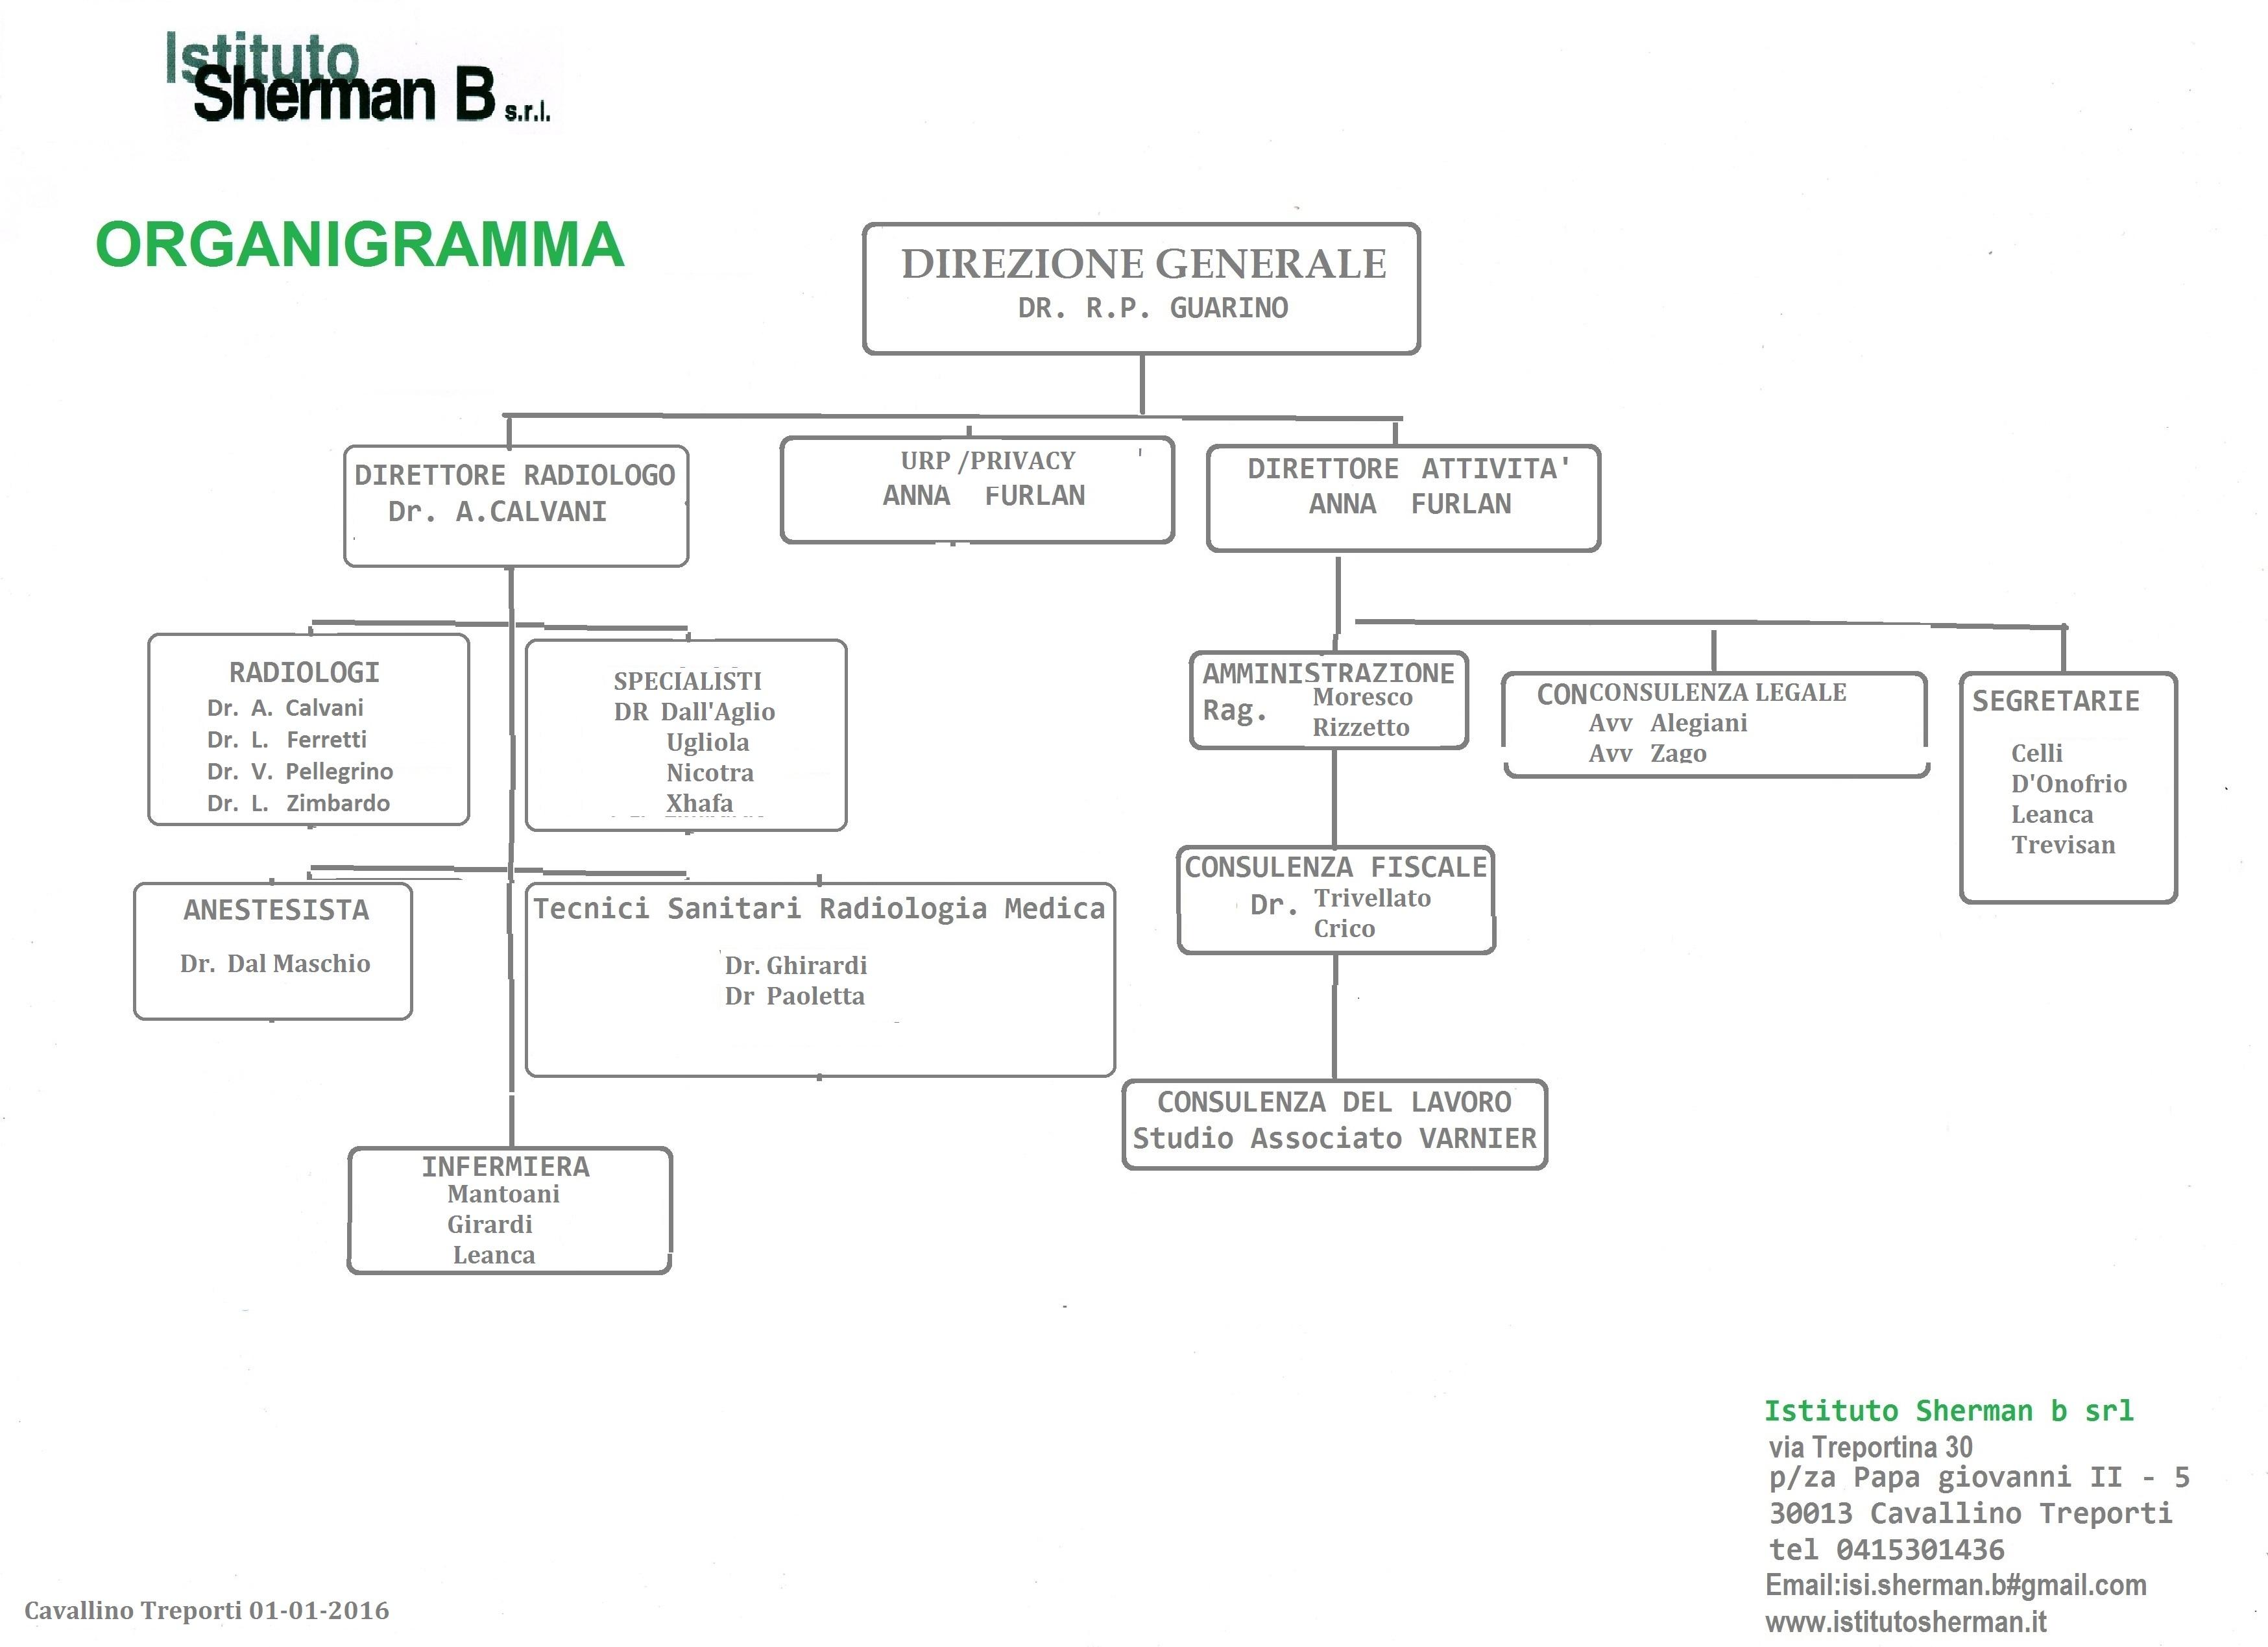 ORGANIGRAMMA sherman 1-1-2016